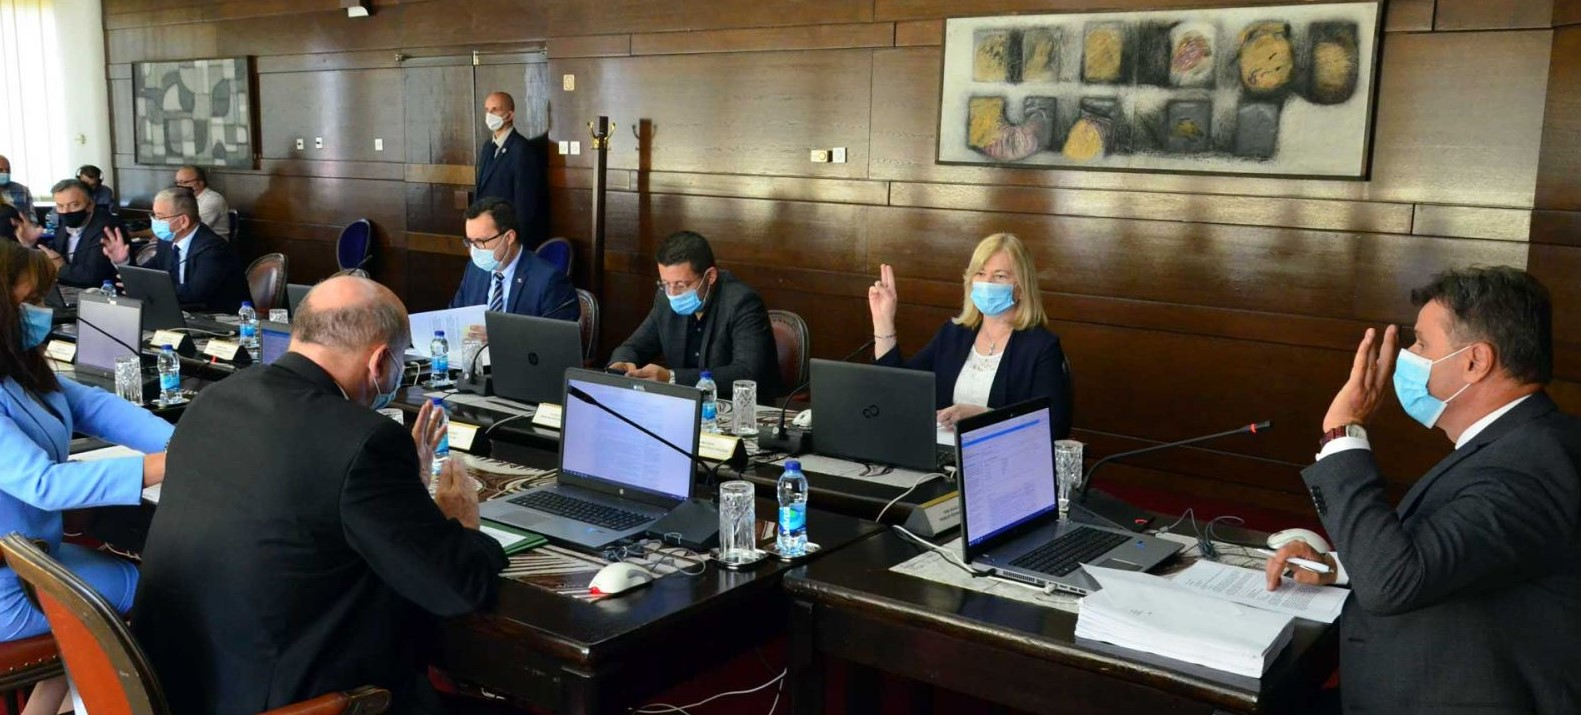 Novi set mjera: Vlada FBiH za ublažavanje ekonomskih posljedica pandemije osigurala 100 miliona KM